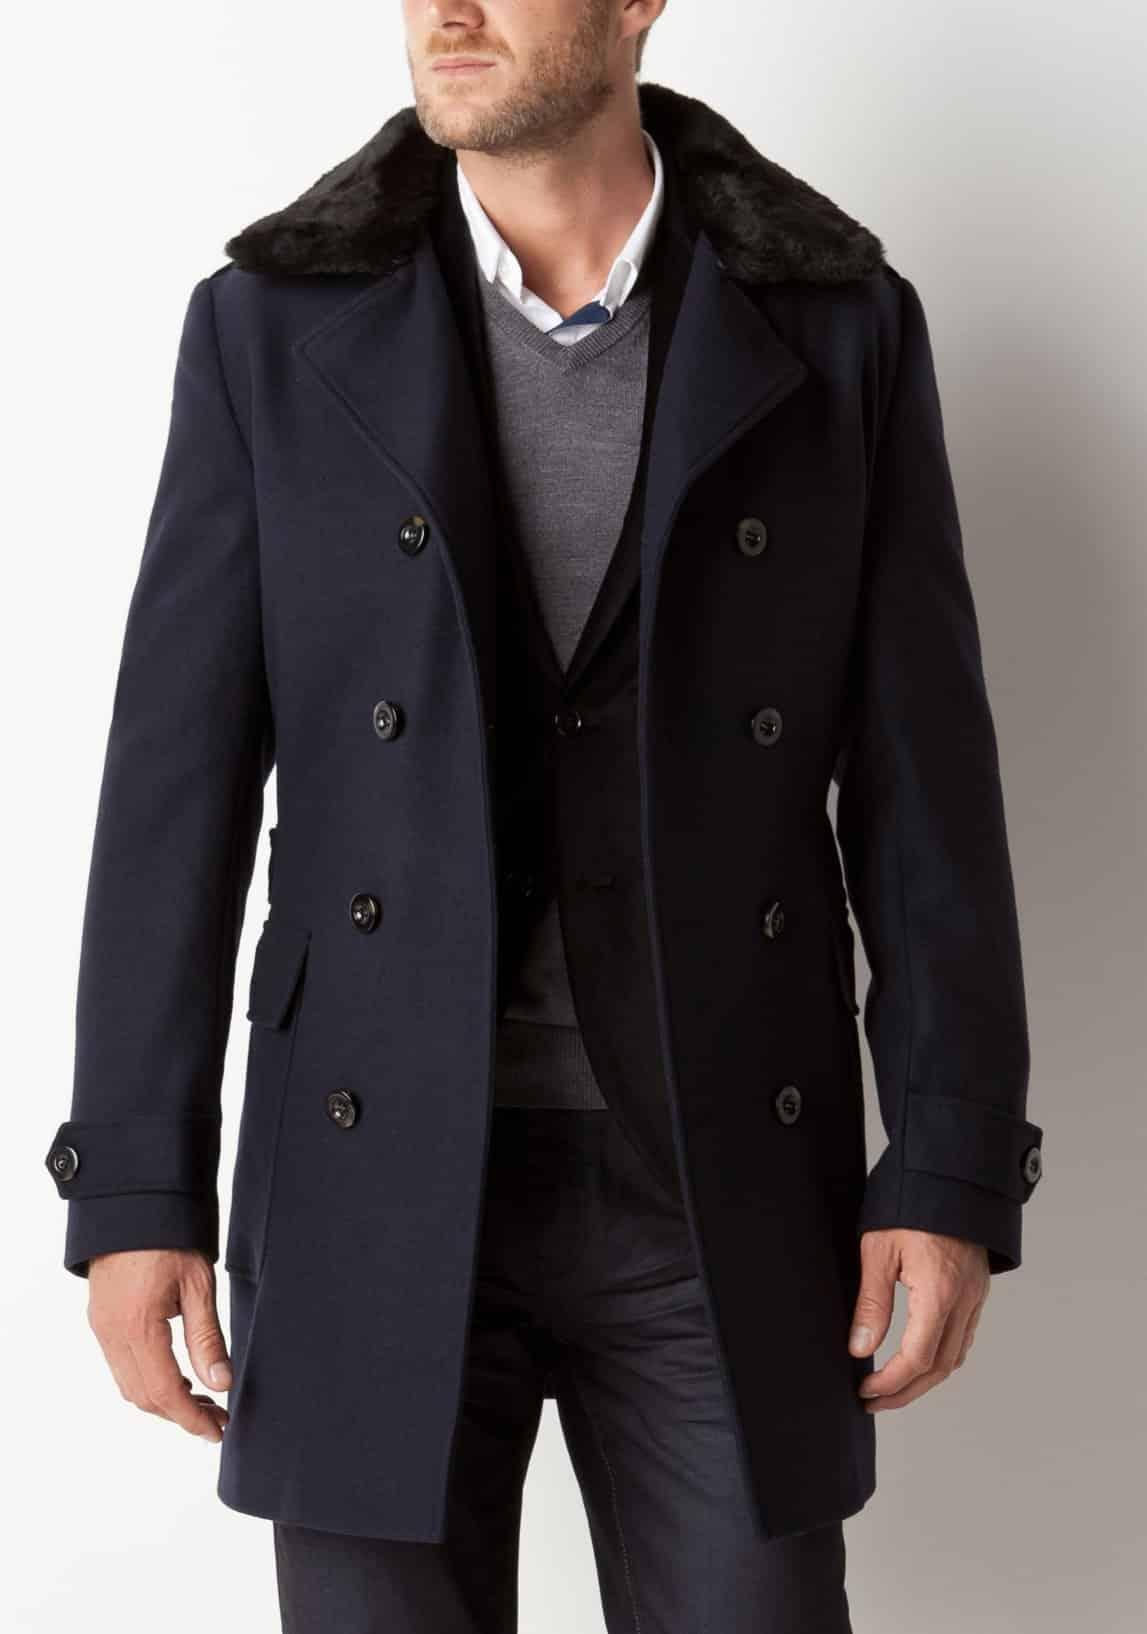 Manteau pour homme   quelques astuces afin de faire le bon choix c640eba6e7ef